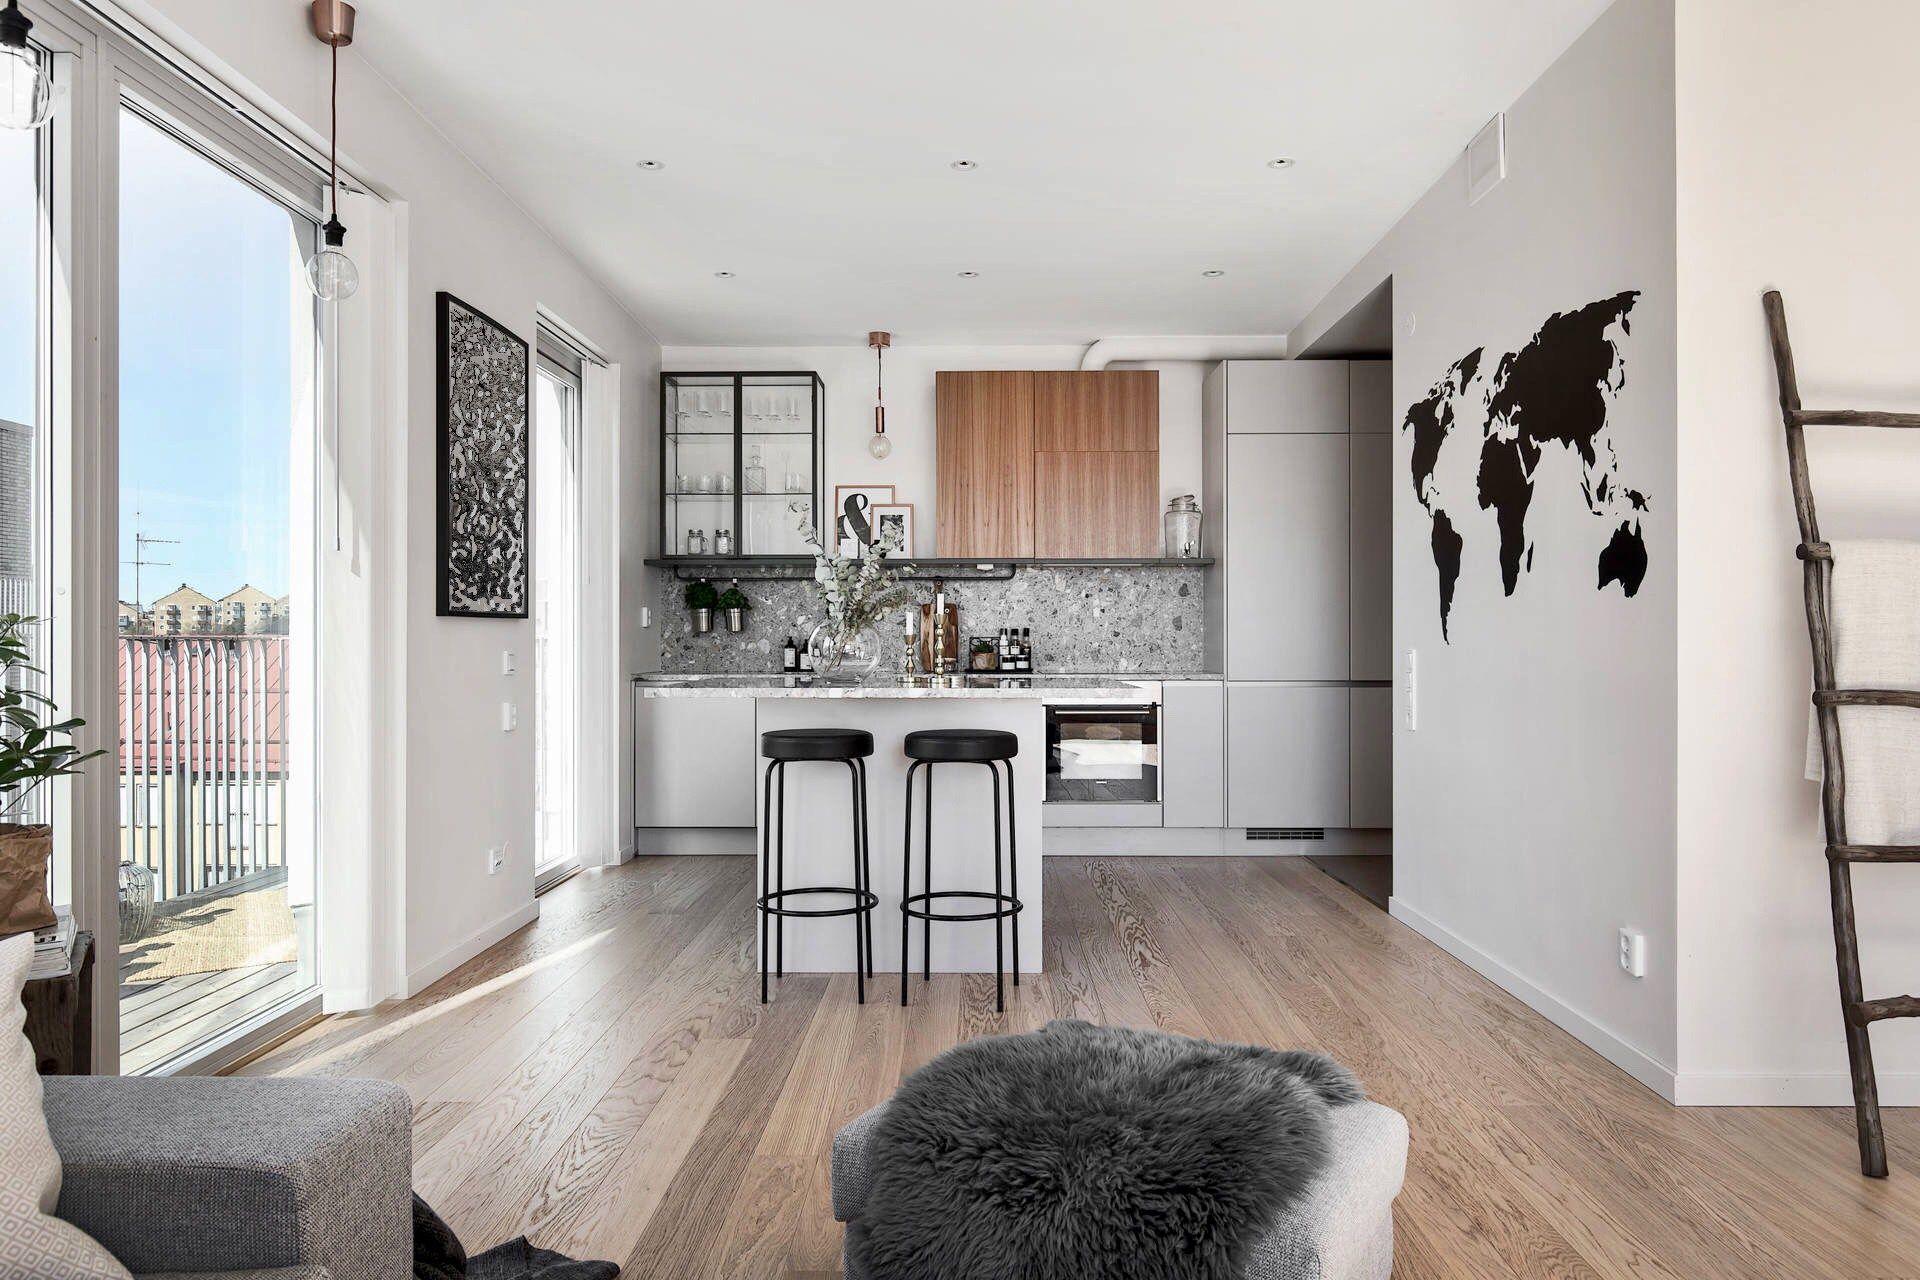 47+ Elle decor kitchen rugs ideas